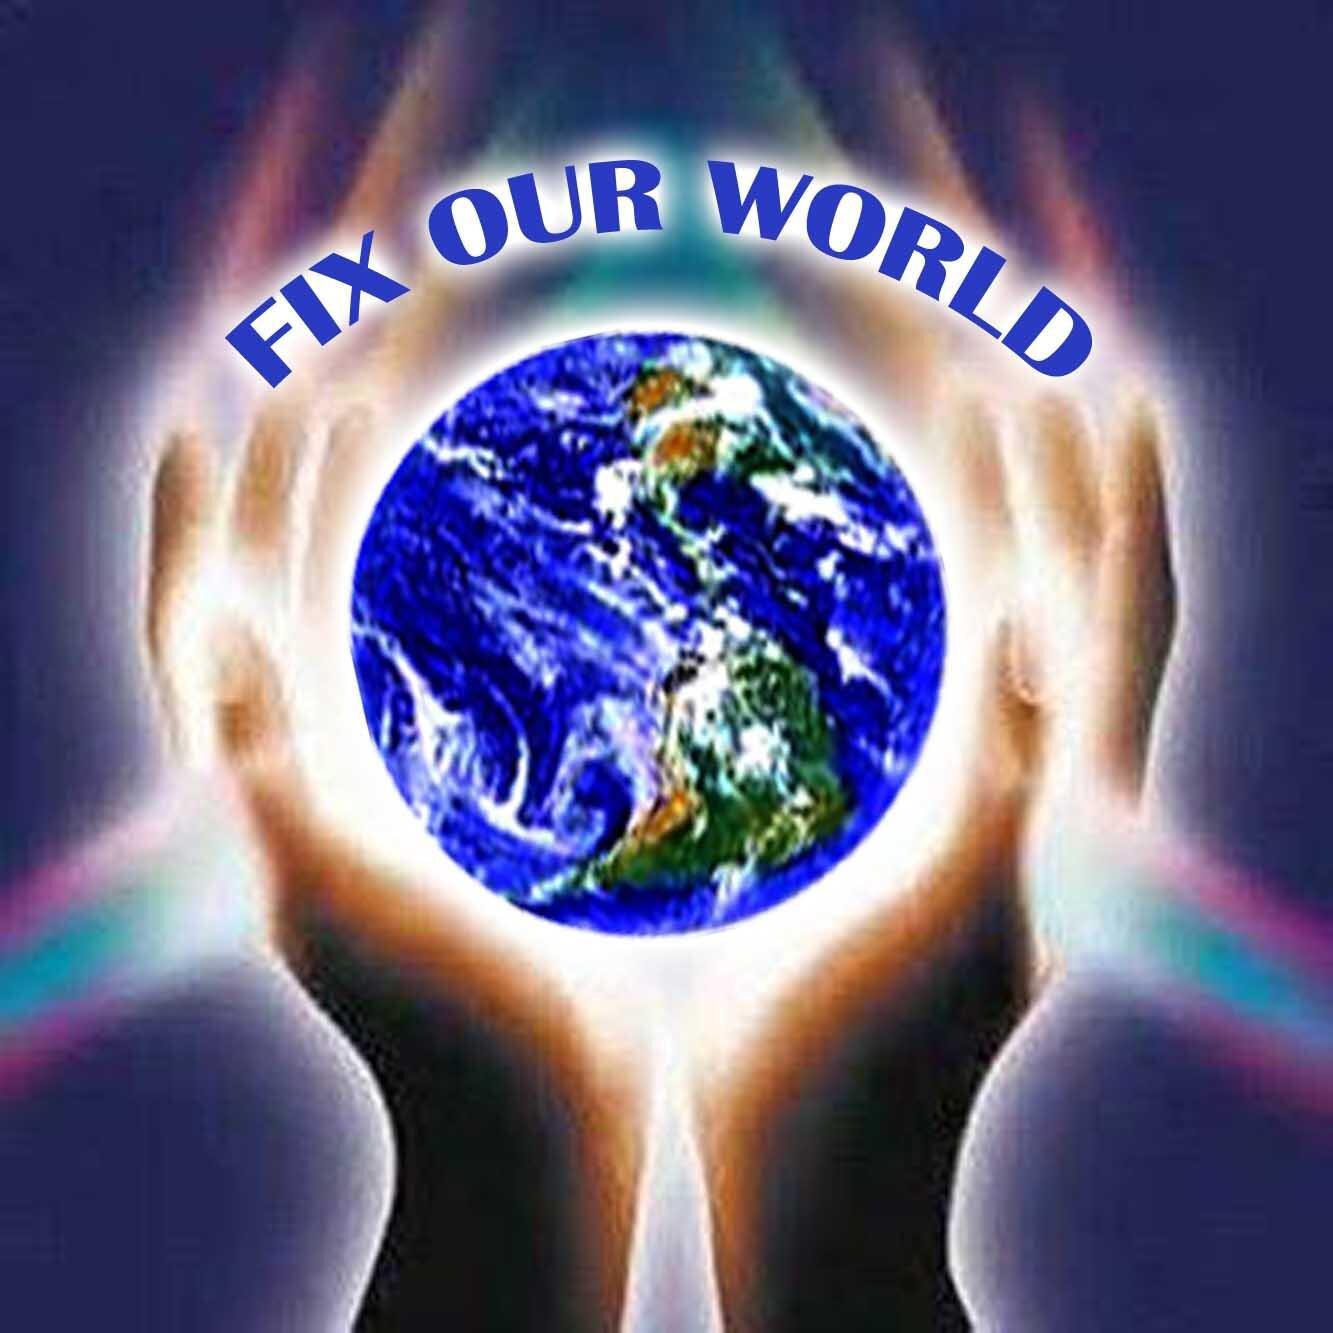 Fix Our World (@fixourworld) | Twitter